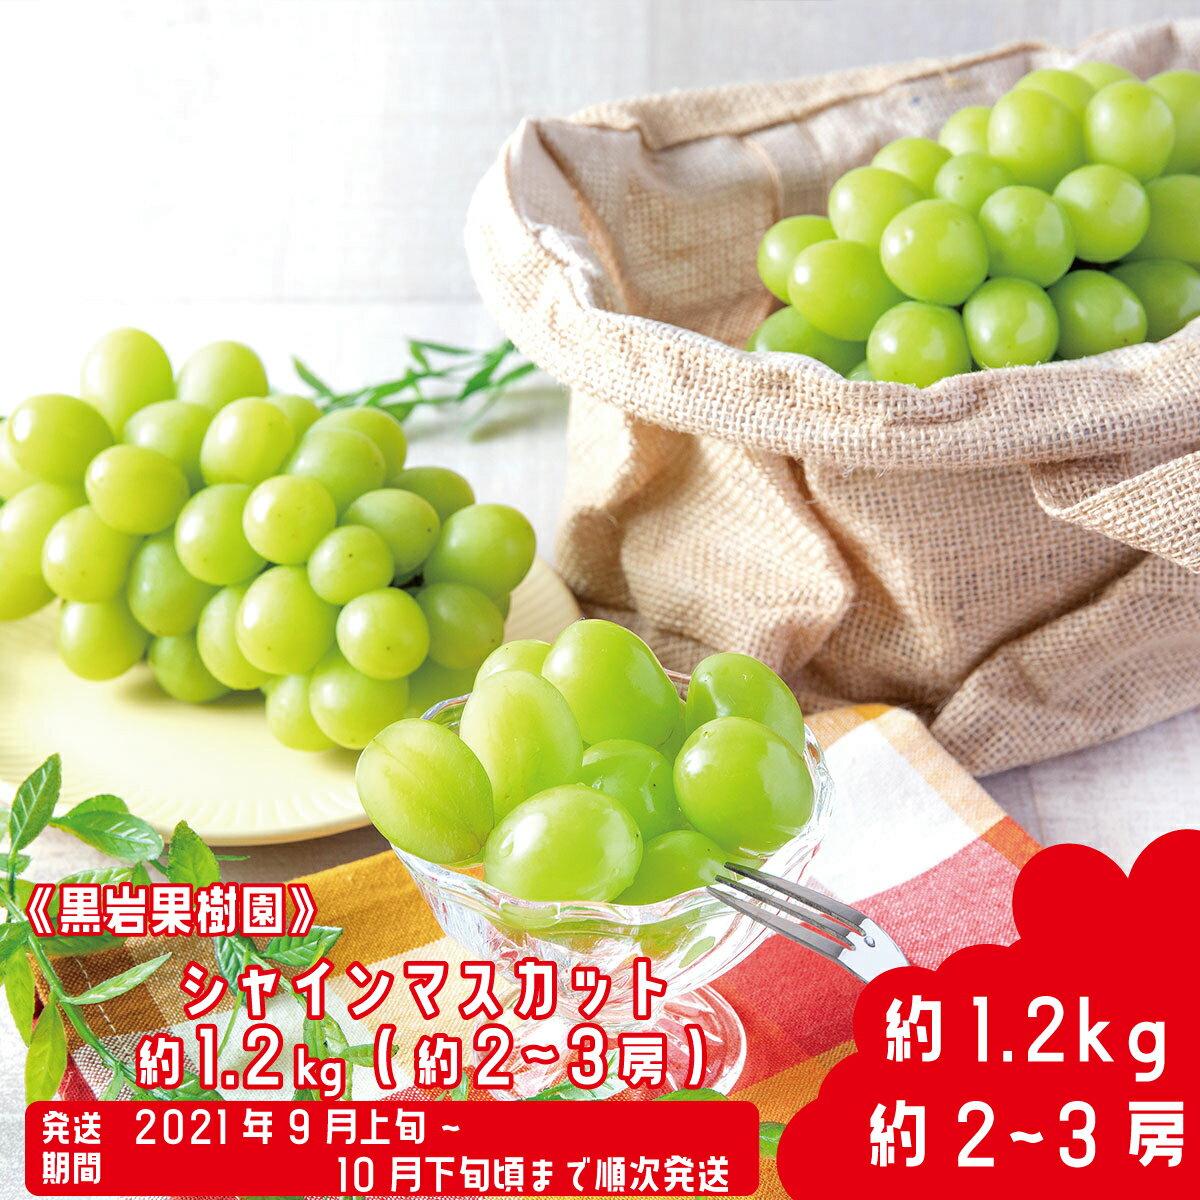 【楽天市場】黒岩果樹園 約2~3房の通販